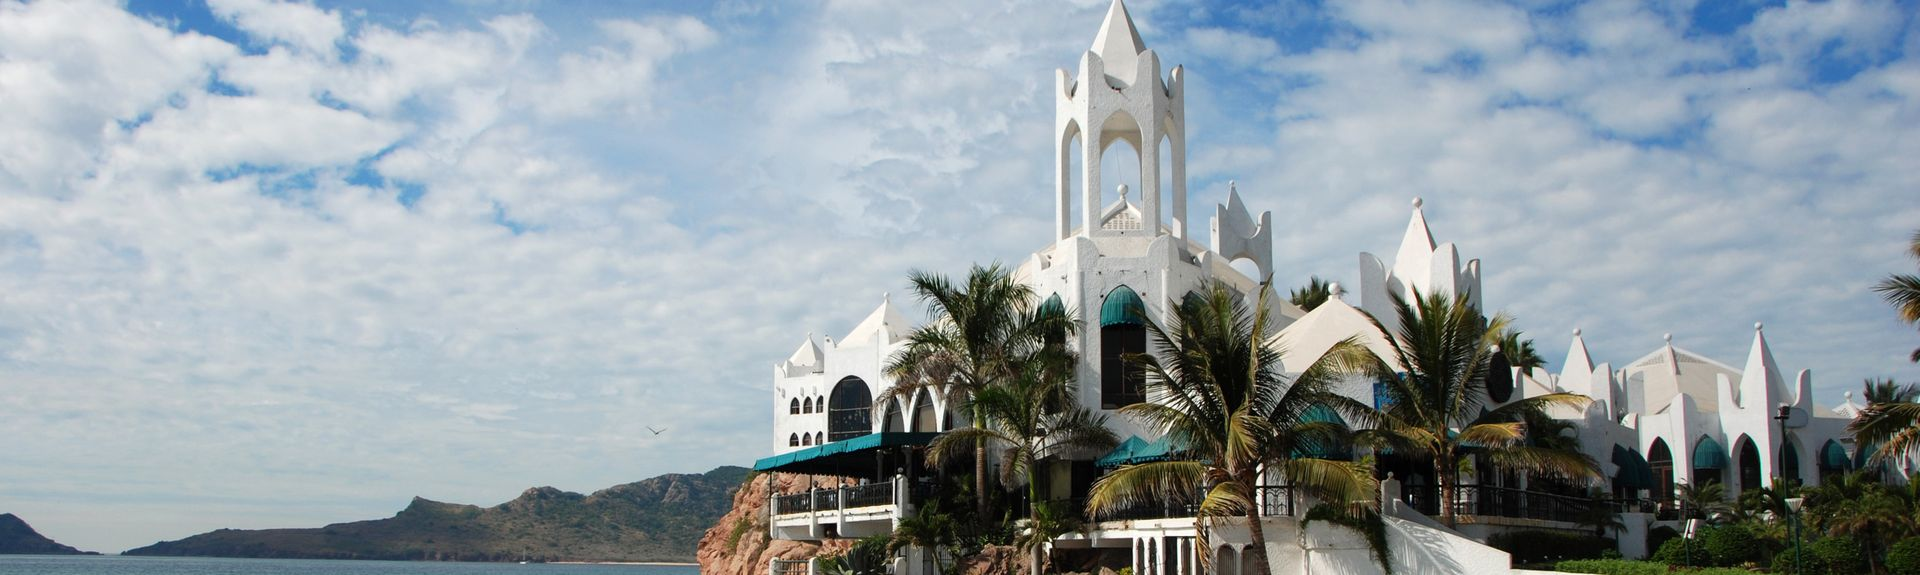 Mazatlán, Sinaloa, México